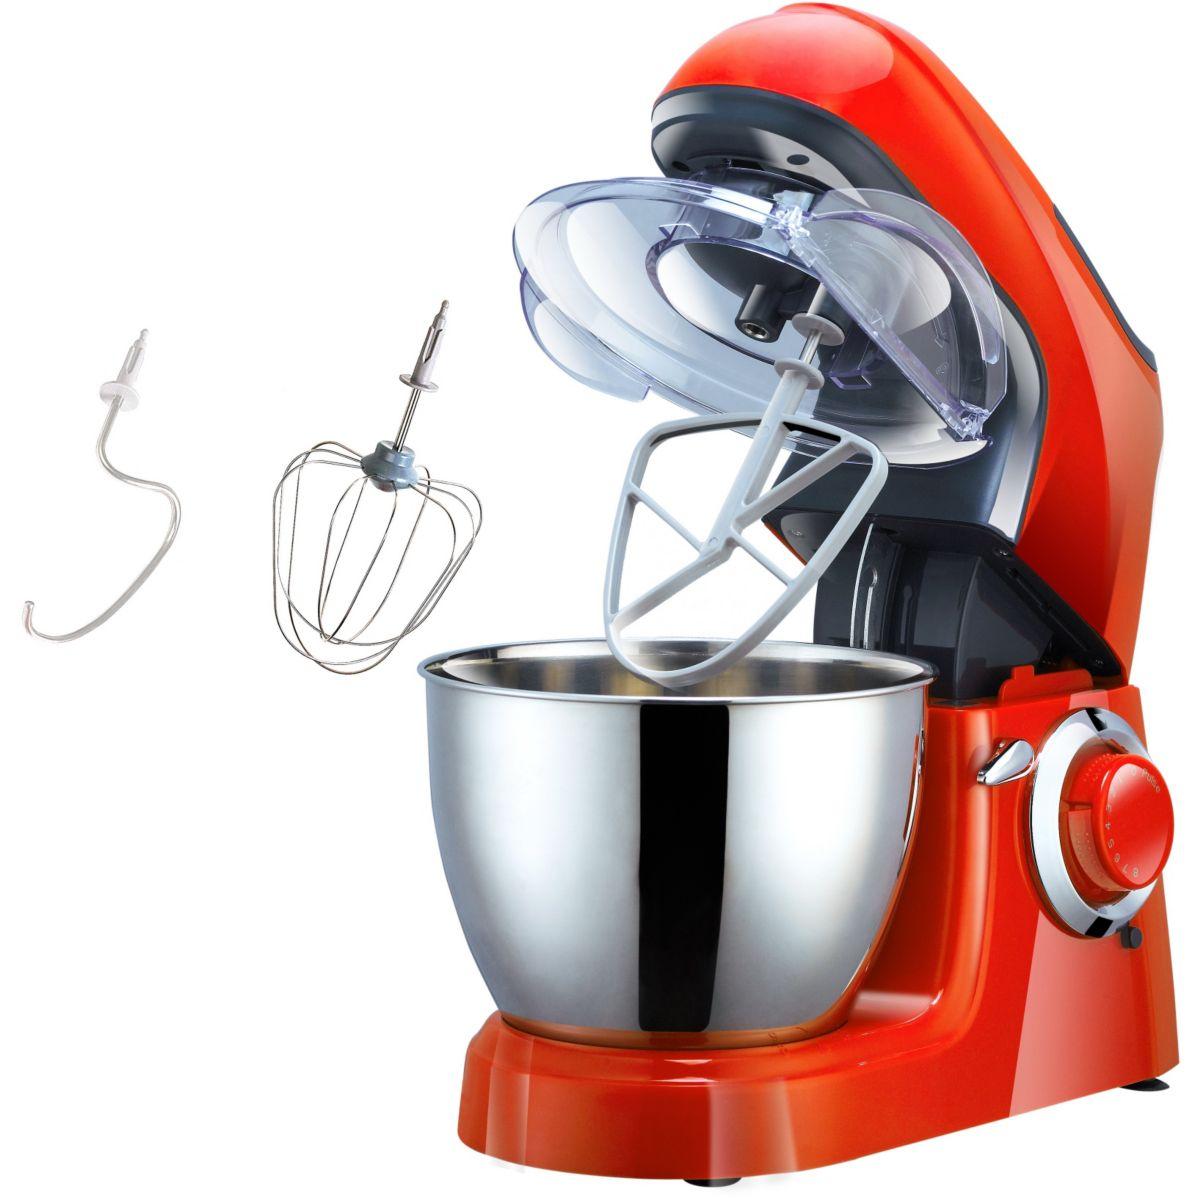 Robots cuisine achat vente de robots pas cher - Robot de cuisine pas cher ...